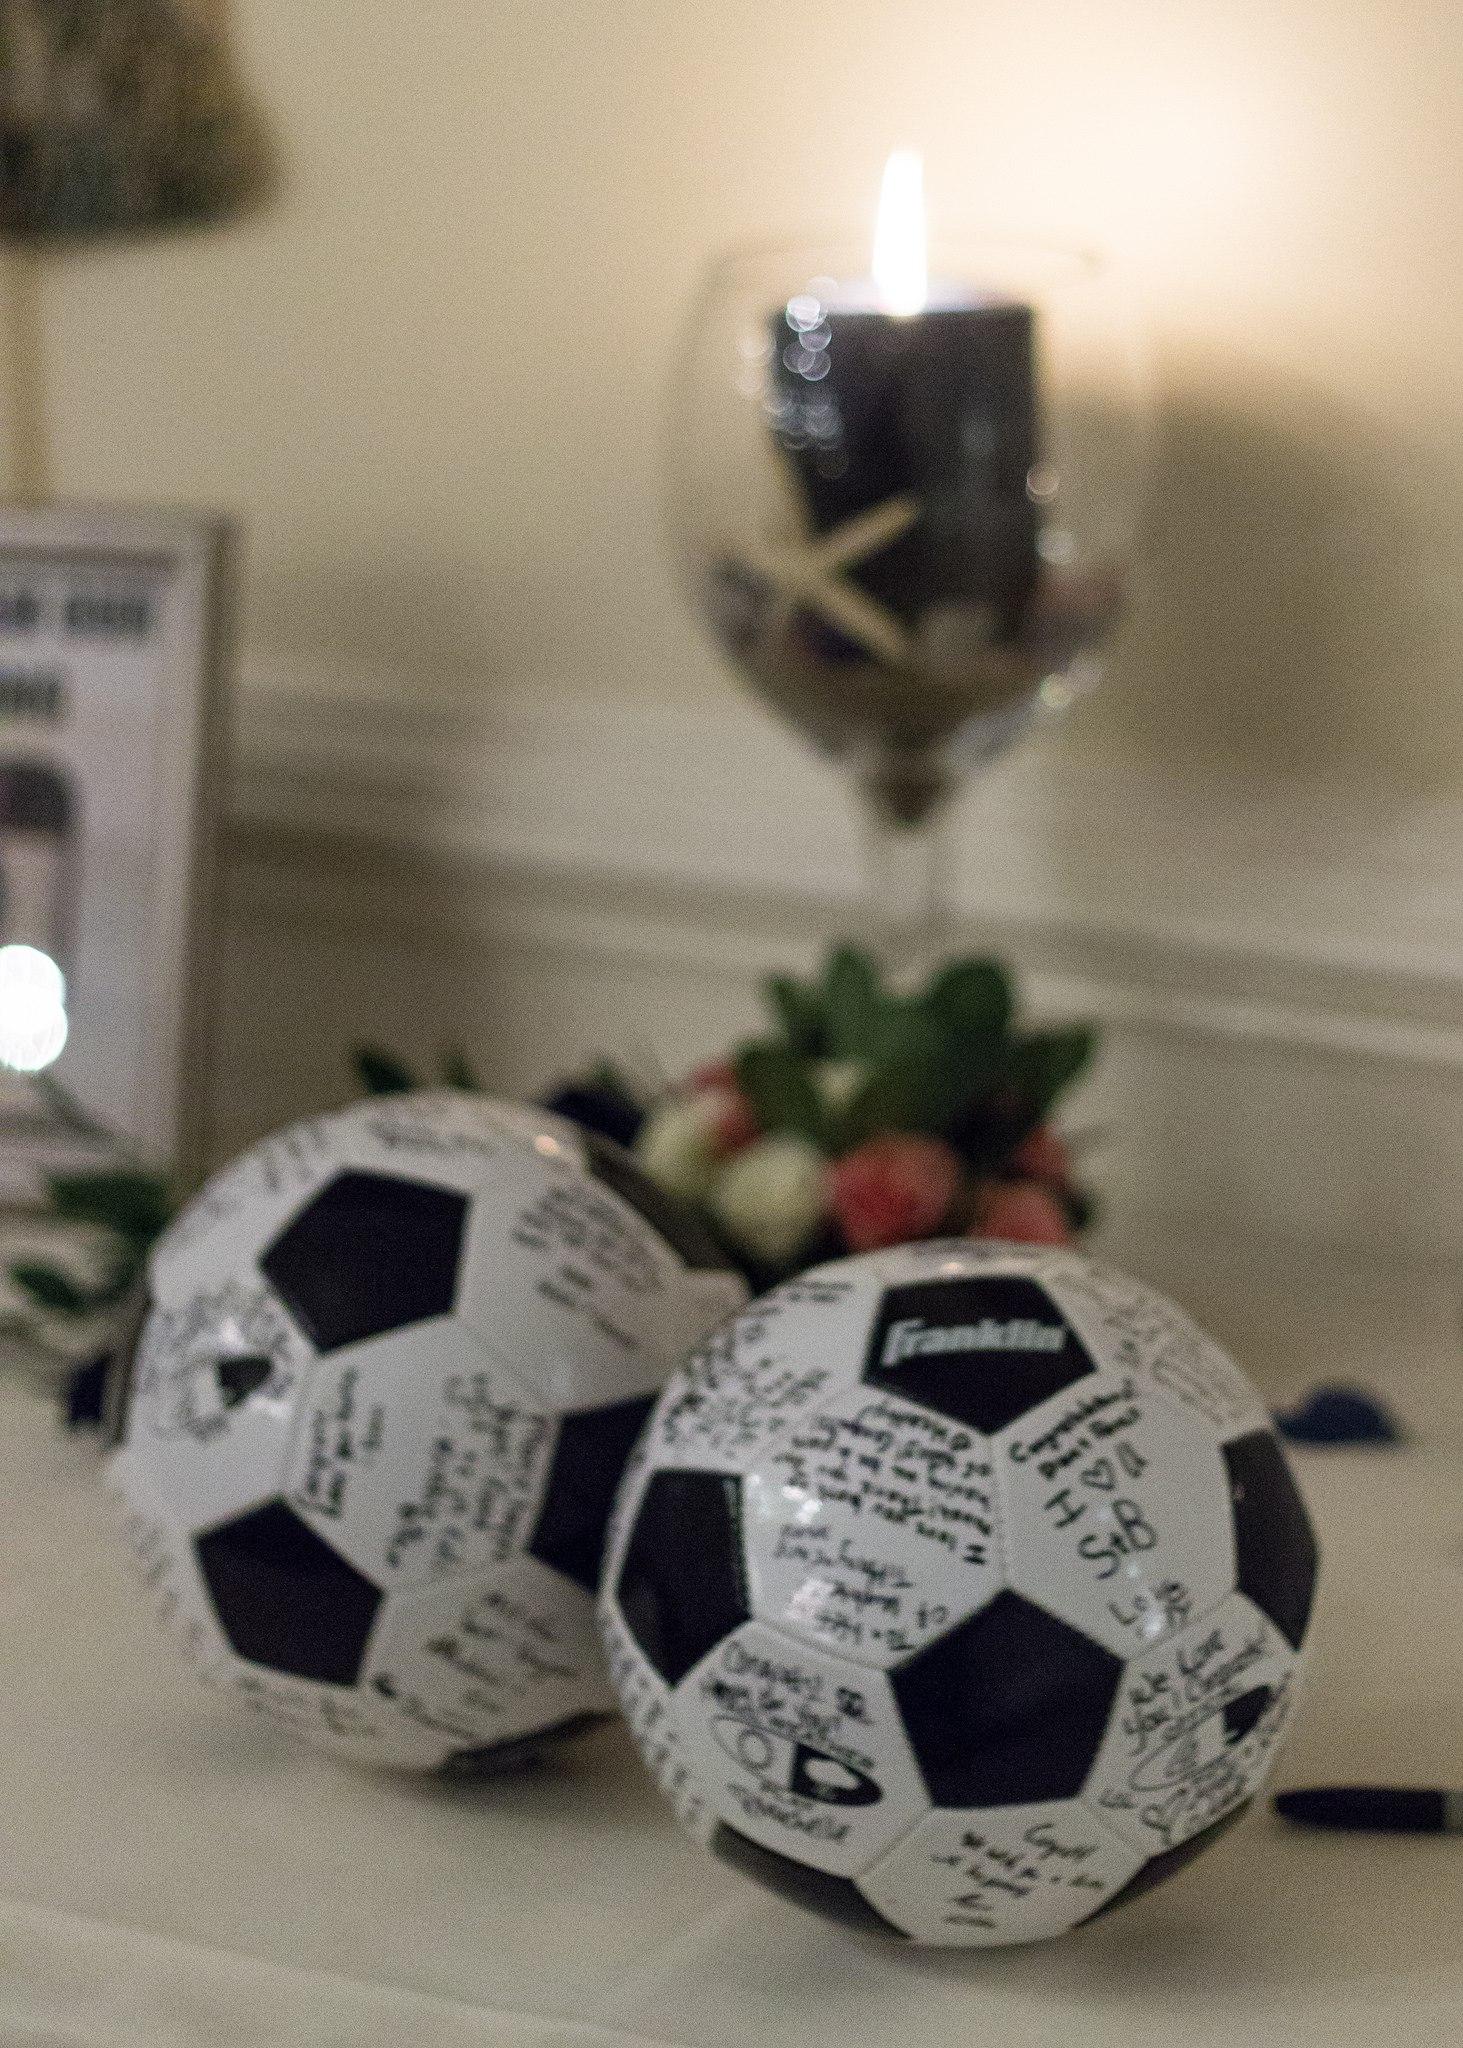 zmLPdspfs3s - Свадьба с футбольной тематикой (24 фото)